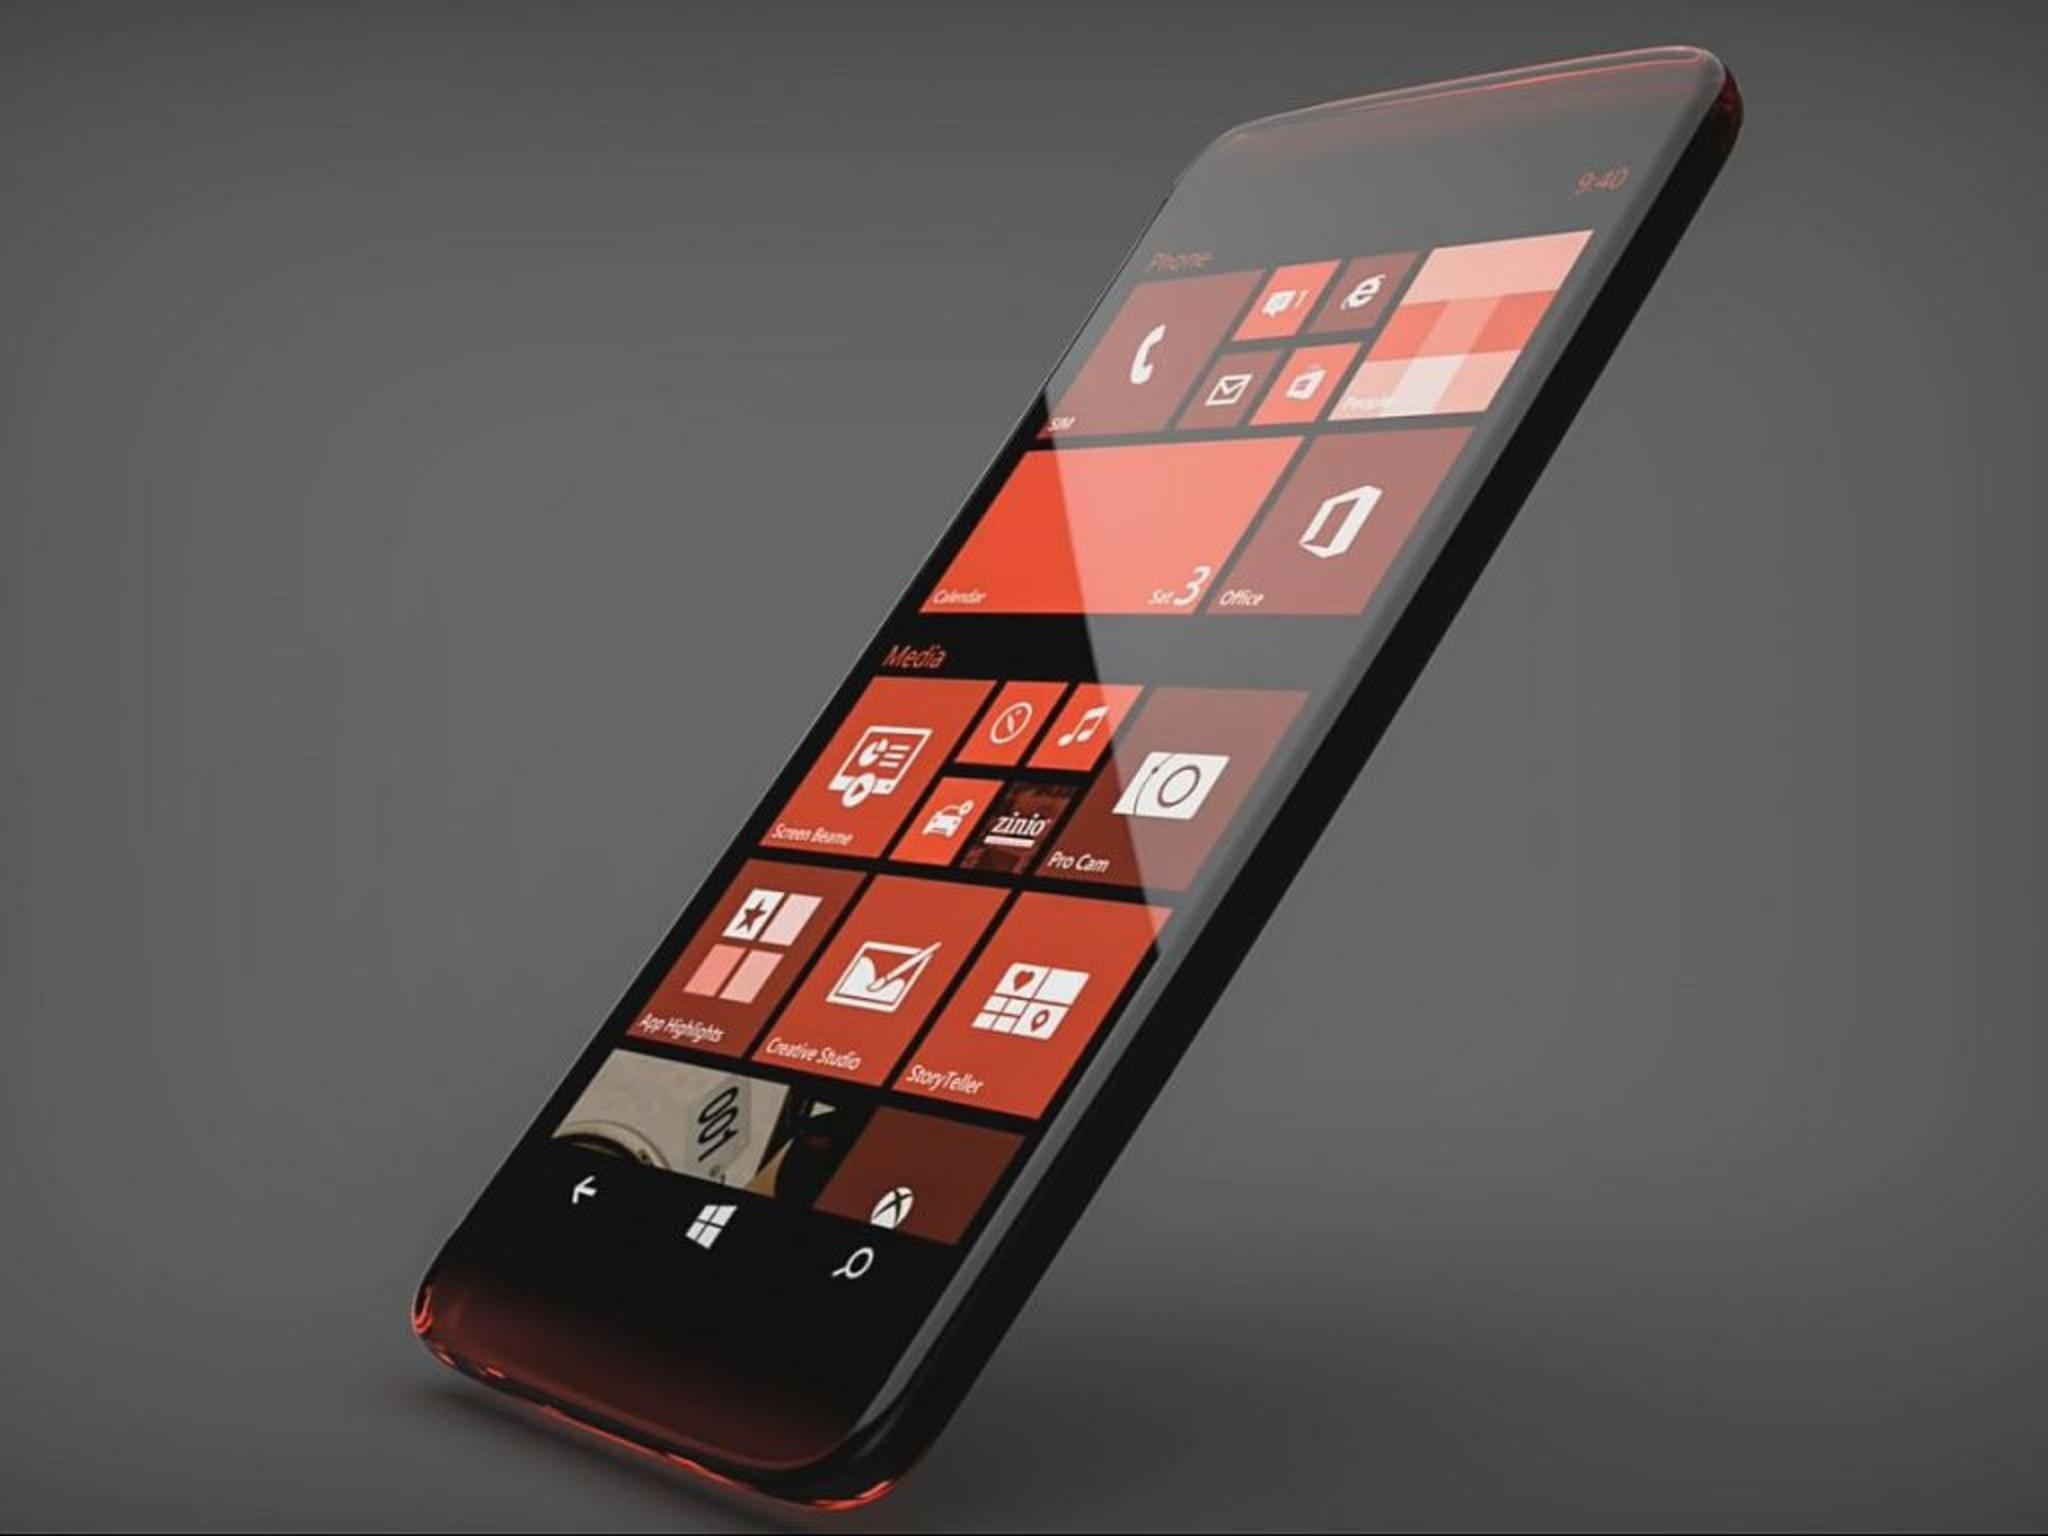 Das Display des Lumia 940 XL soll mit 1440 x 2560 Pixeln auflösen.